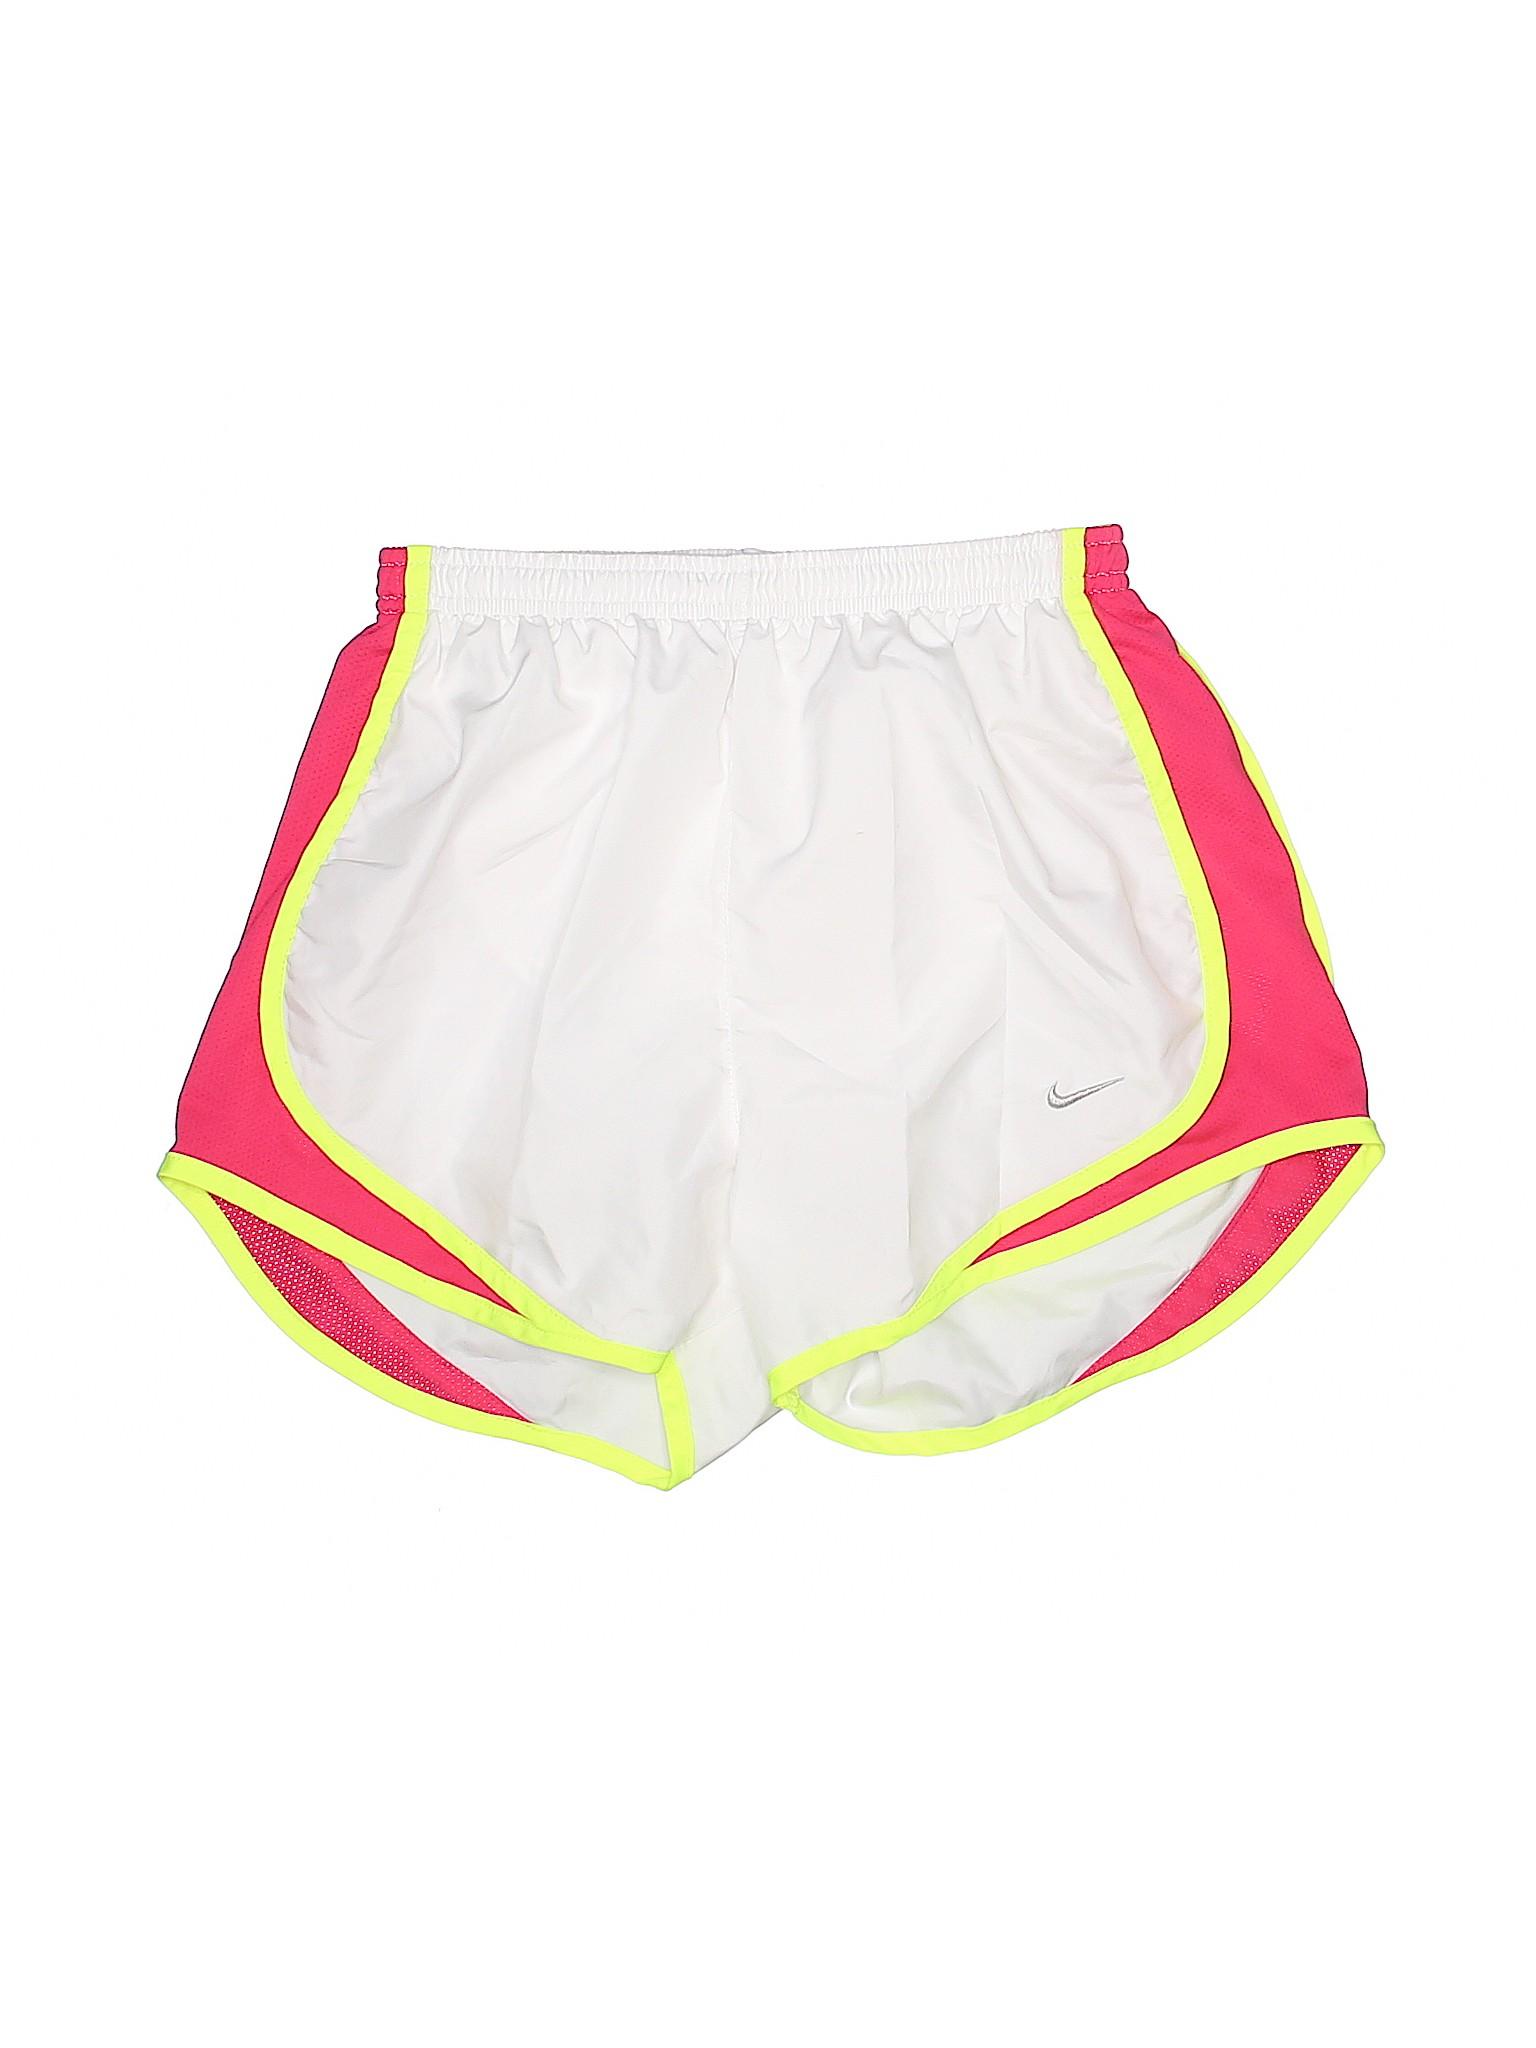 Boutique Nike Boutique Shorts leisure Athletic leisure Nike E1zIx7nwqI